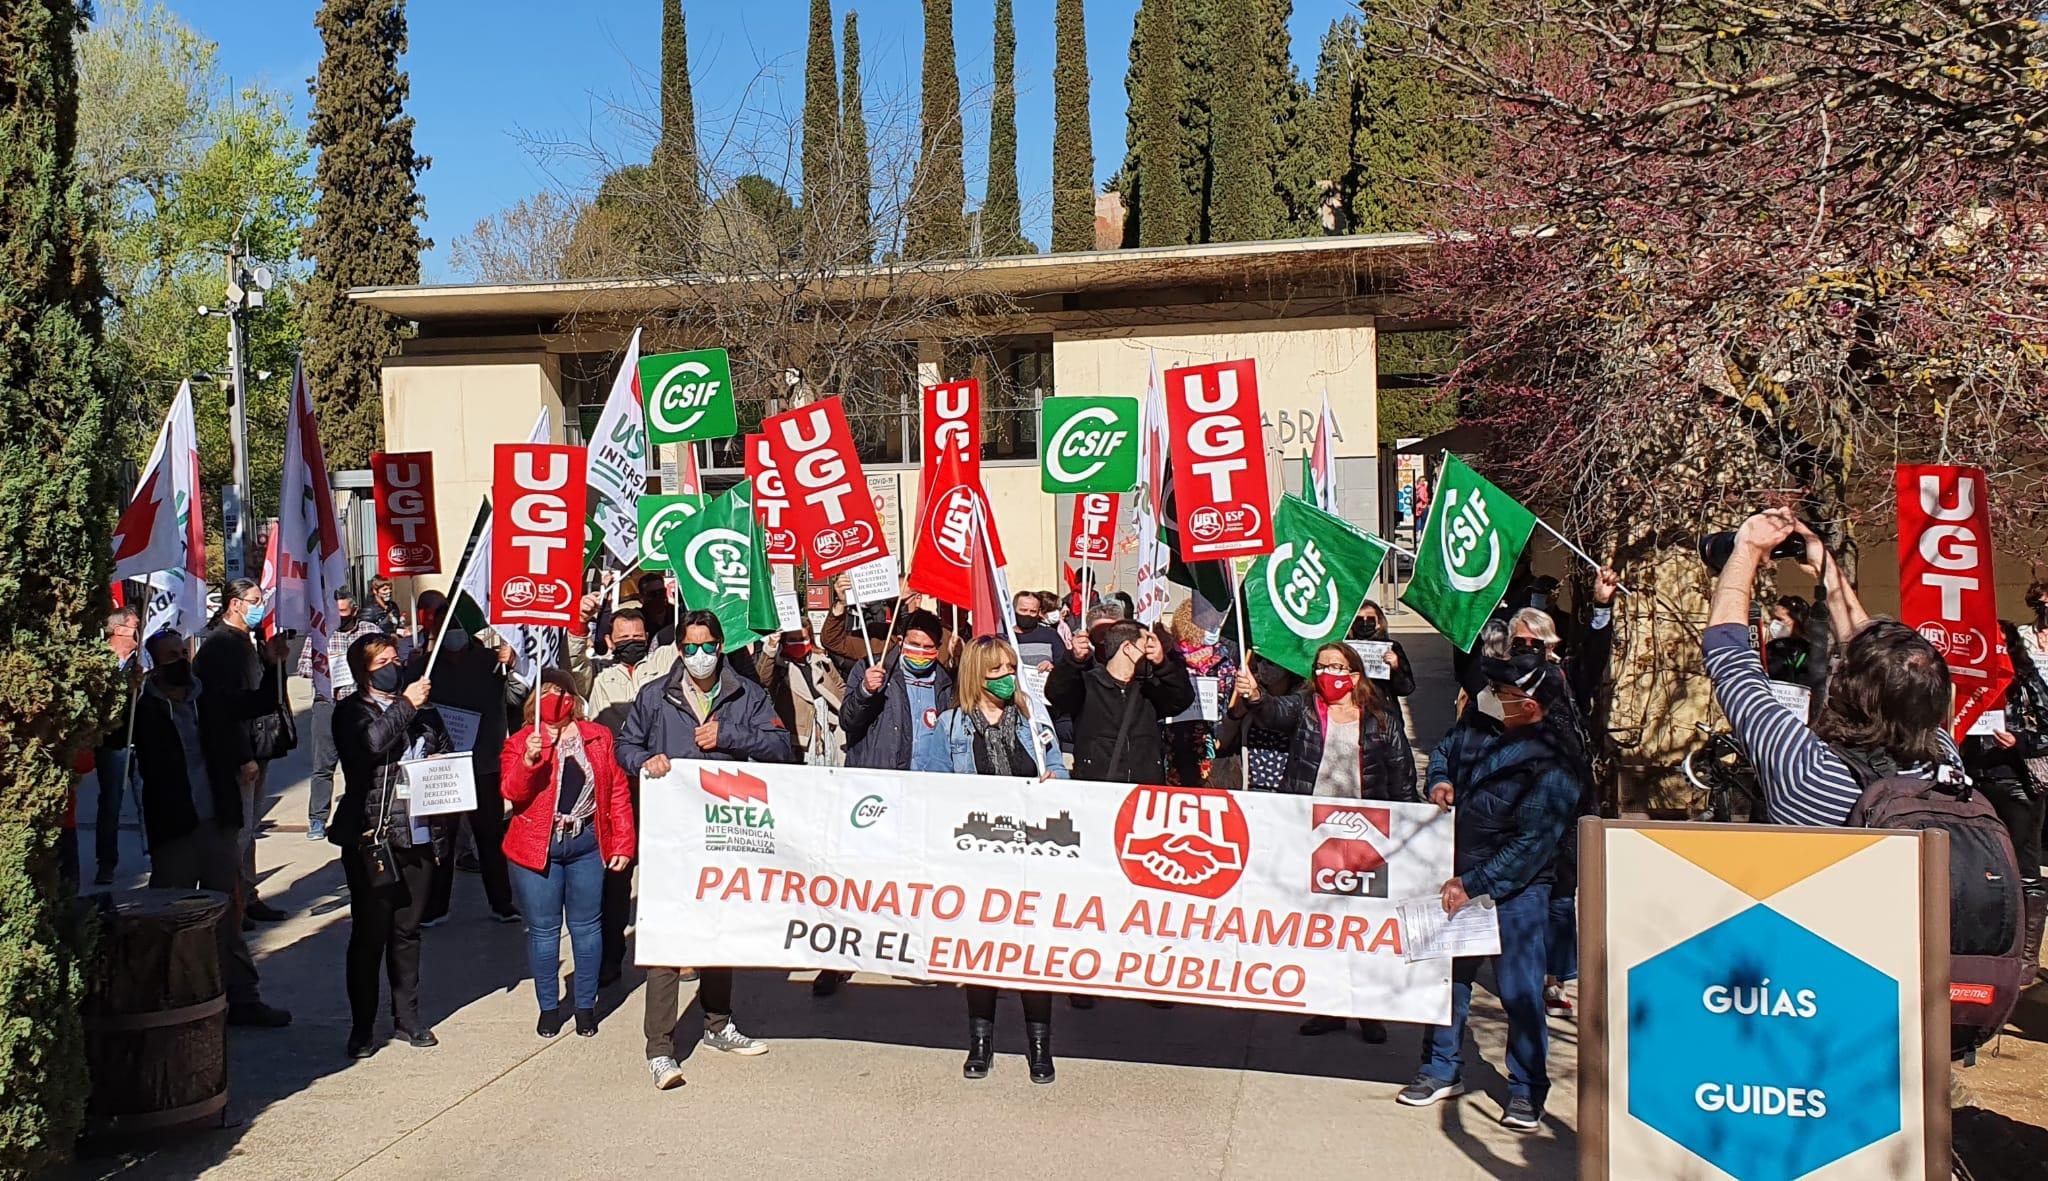 Continúan las movilizaciones del personal de la Alhambra en «defensa de sus derechos laborales»